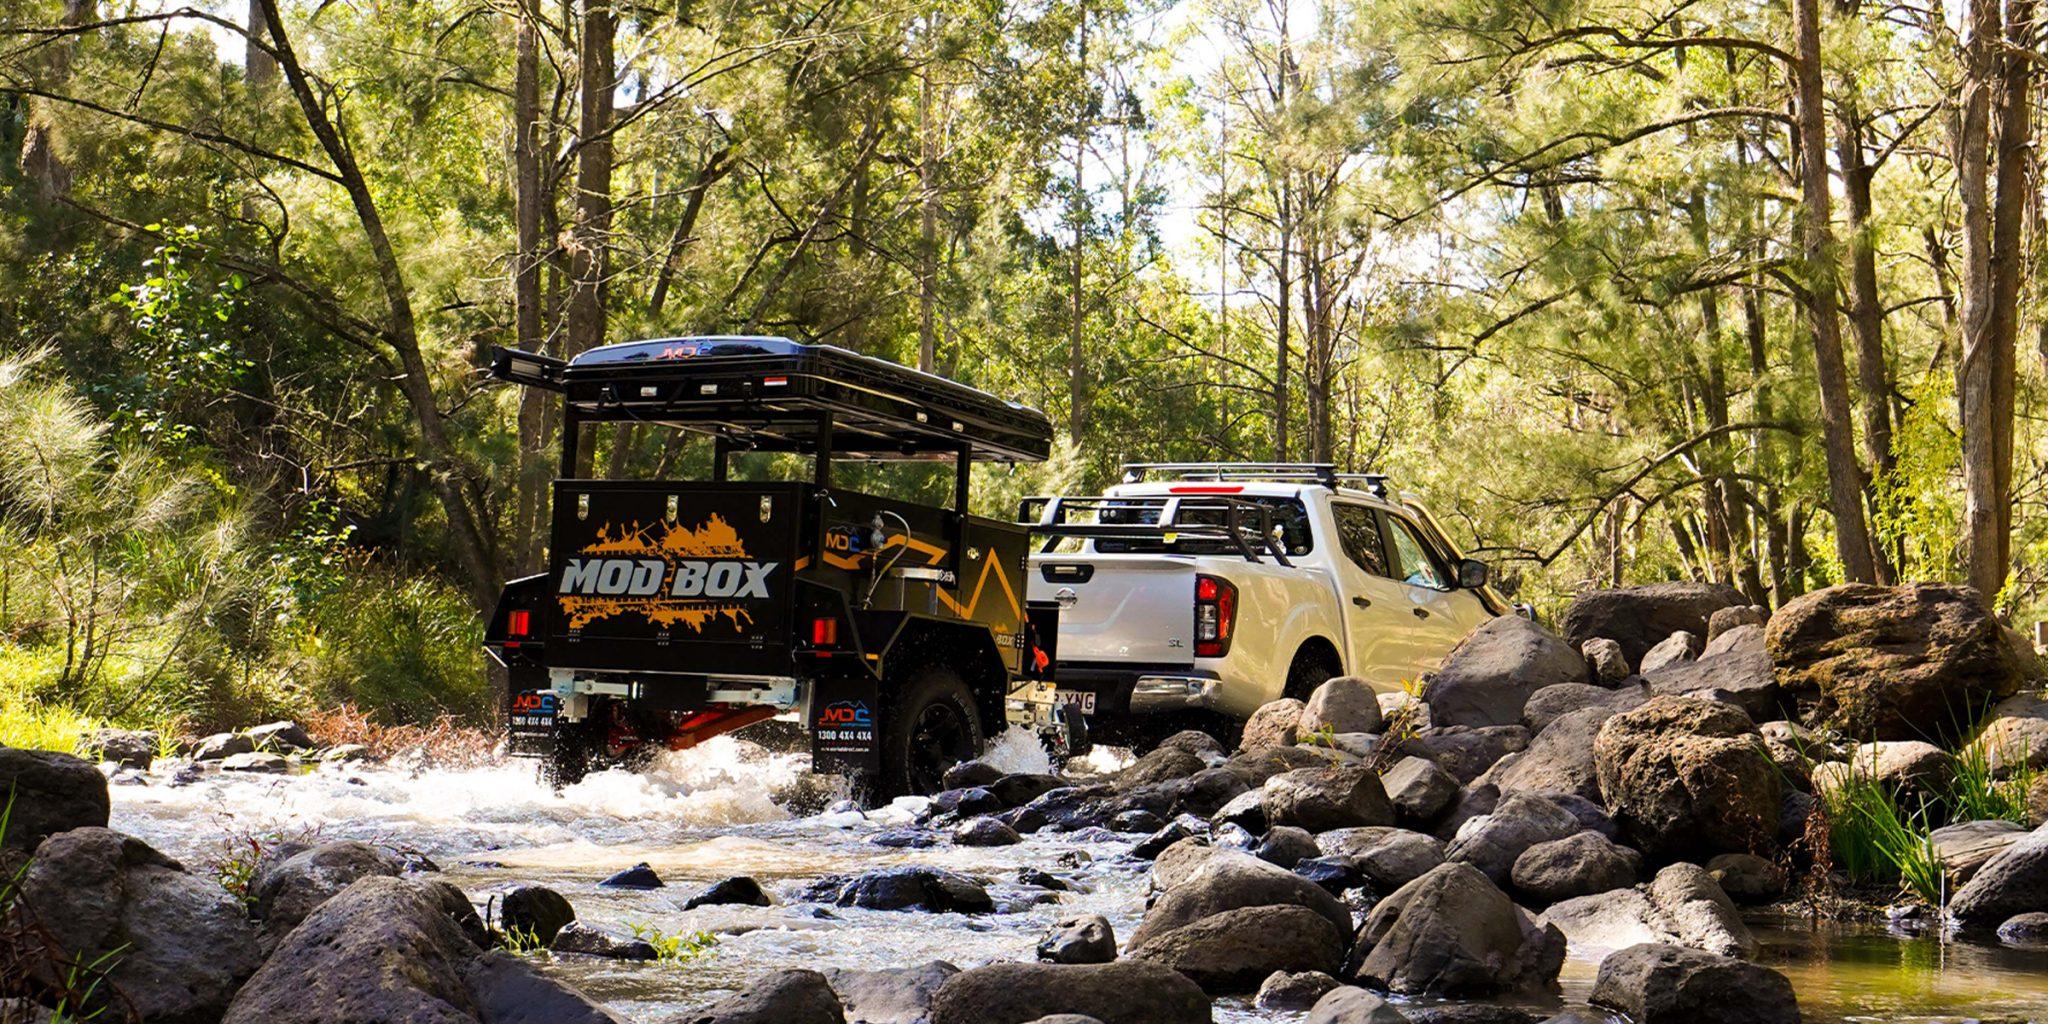 Modbox offroad compact camper trailer full width